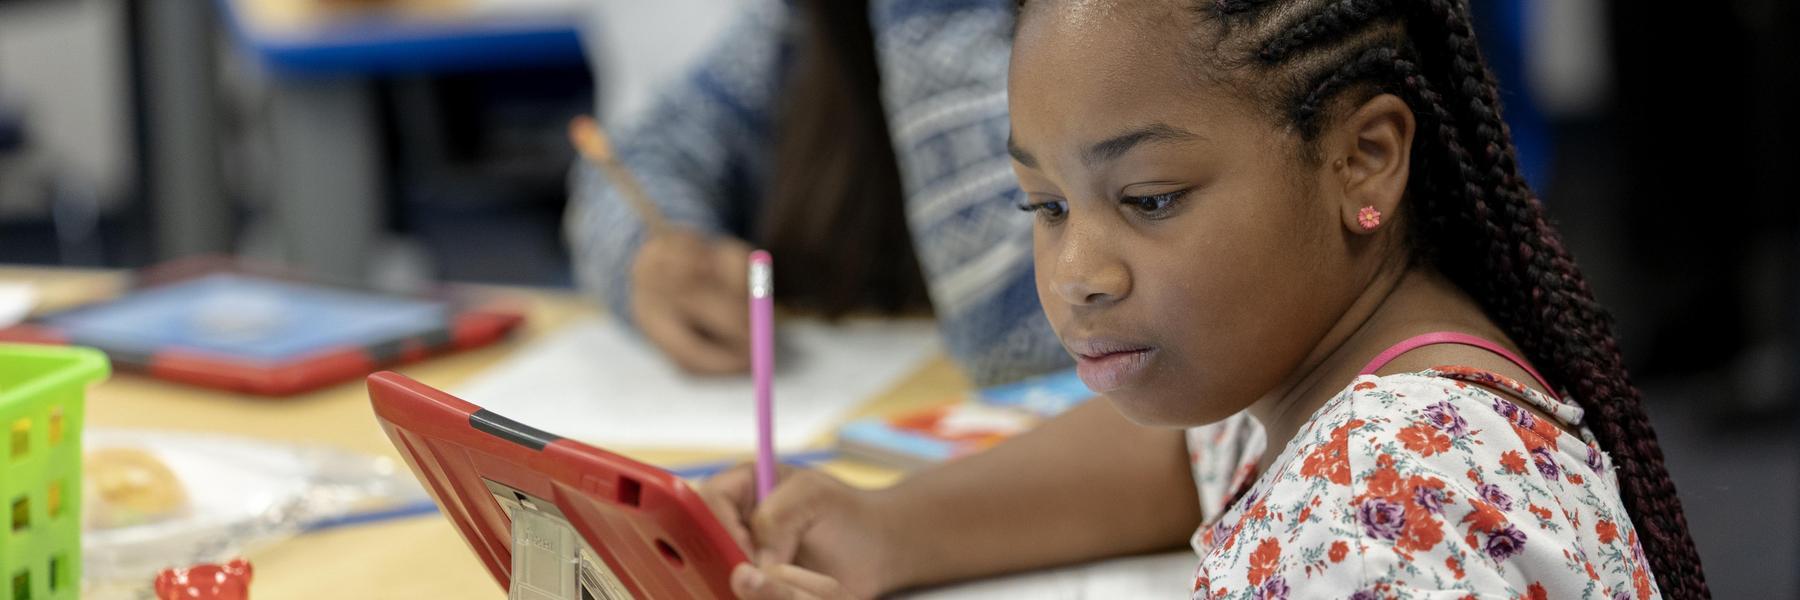 Student on iPad